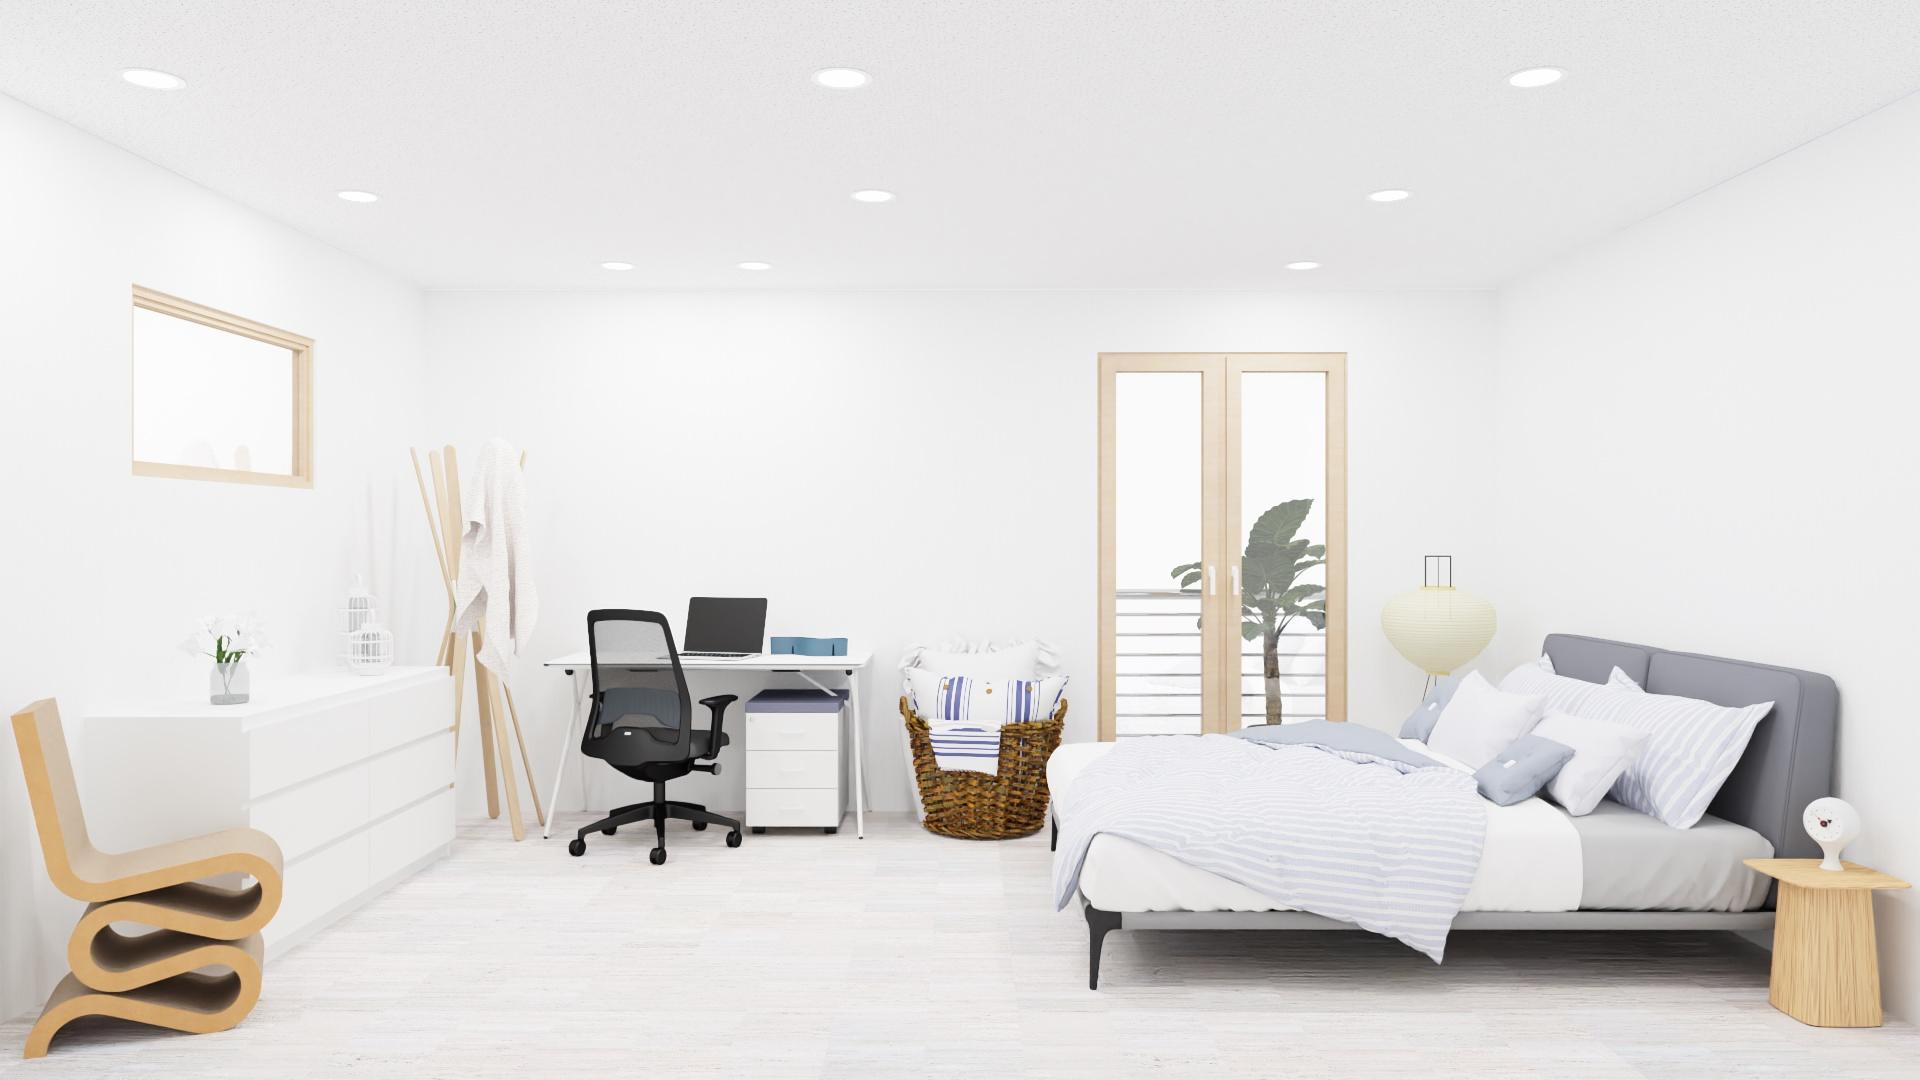 La compañía ha diseñado oficinas para Attico